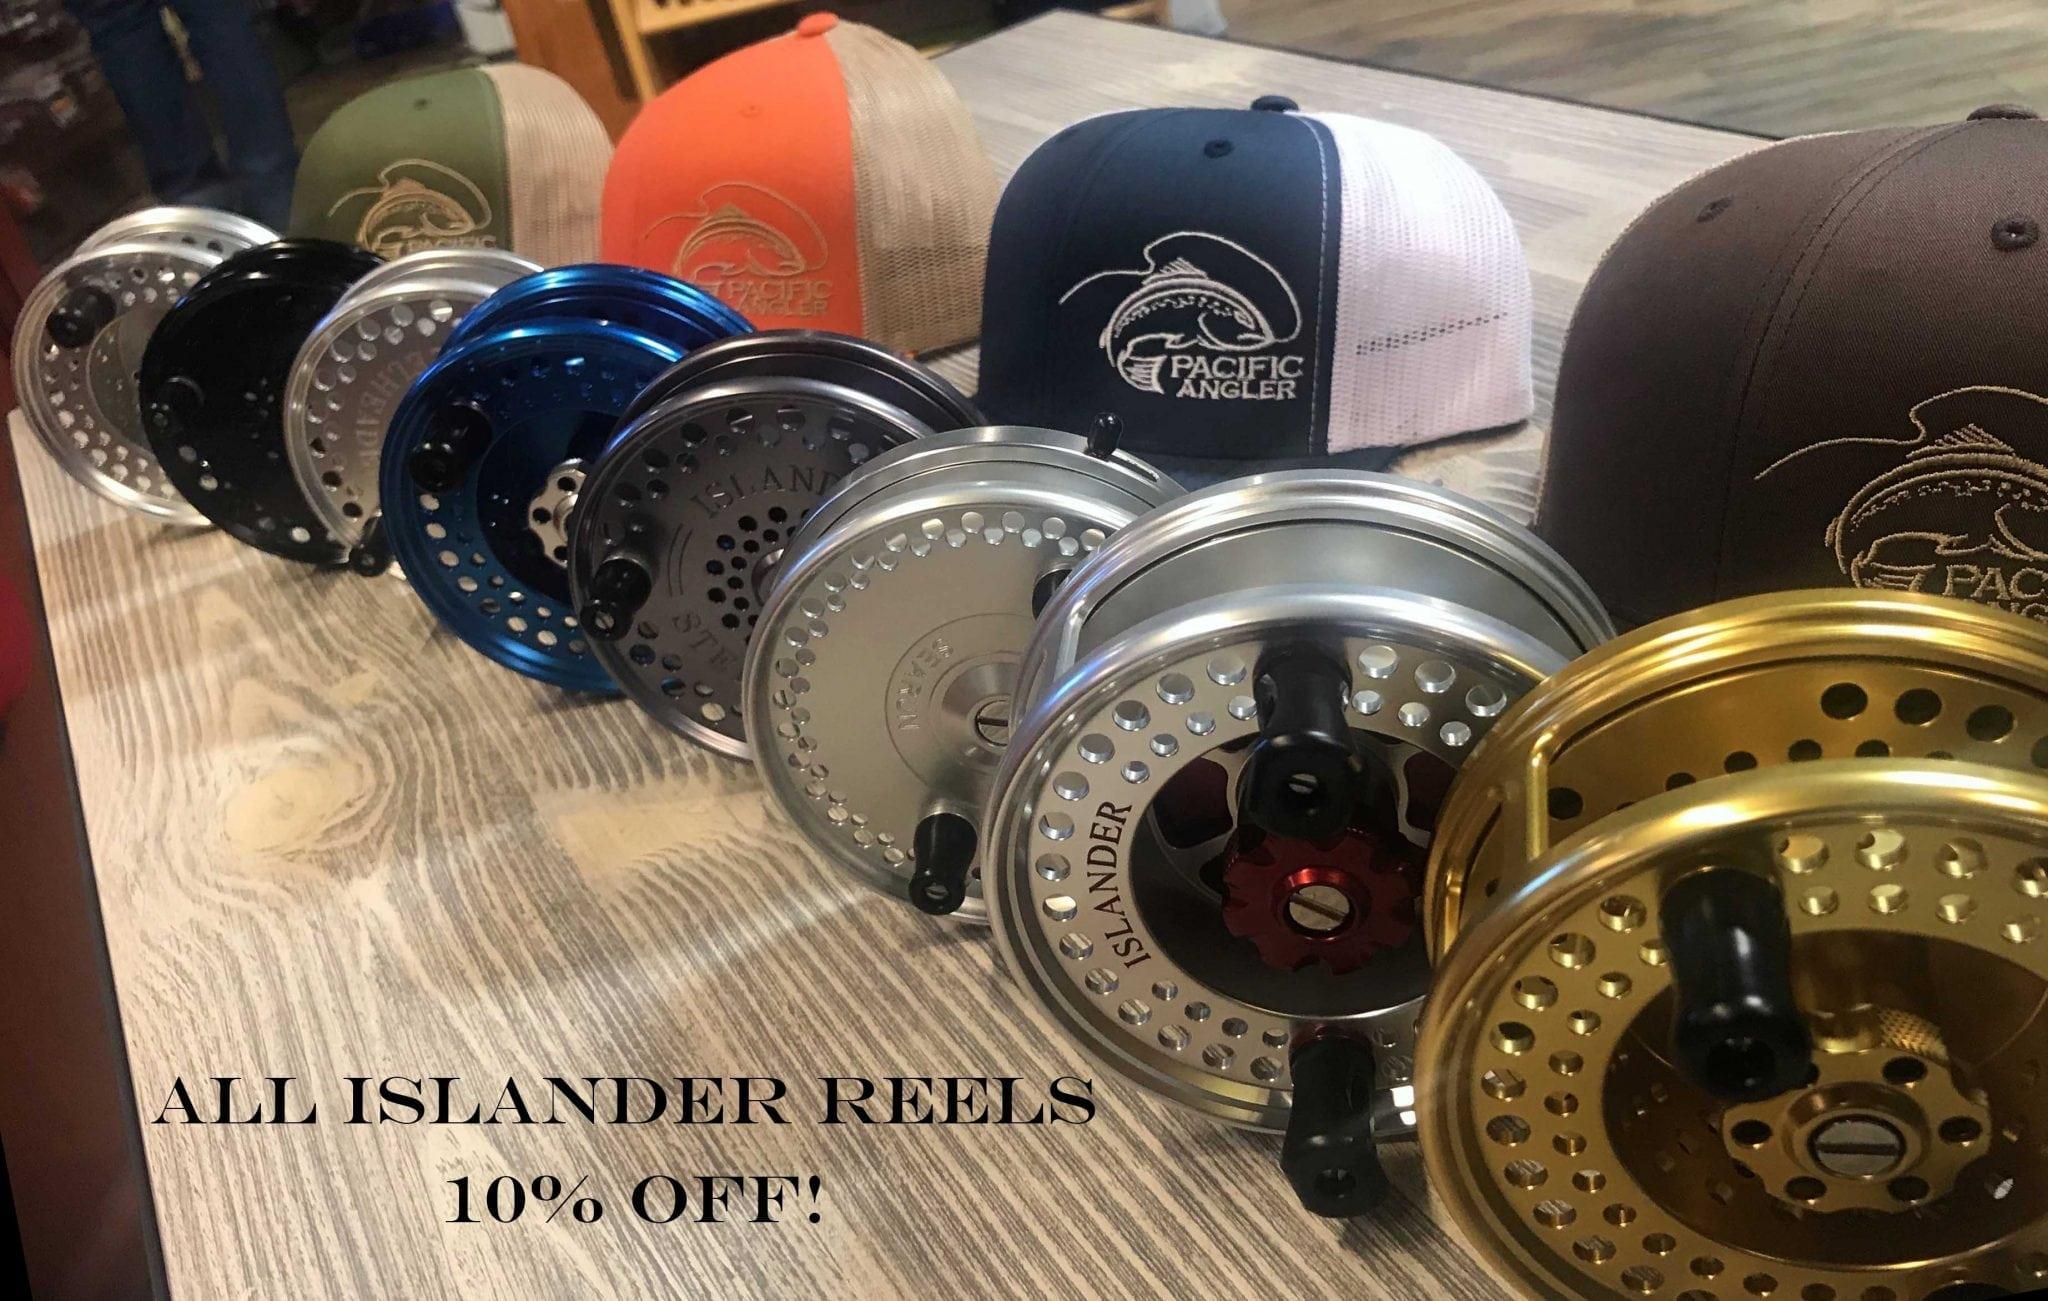 Islander_Reels_Pacific_Angler